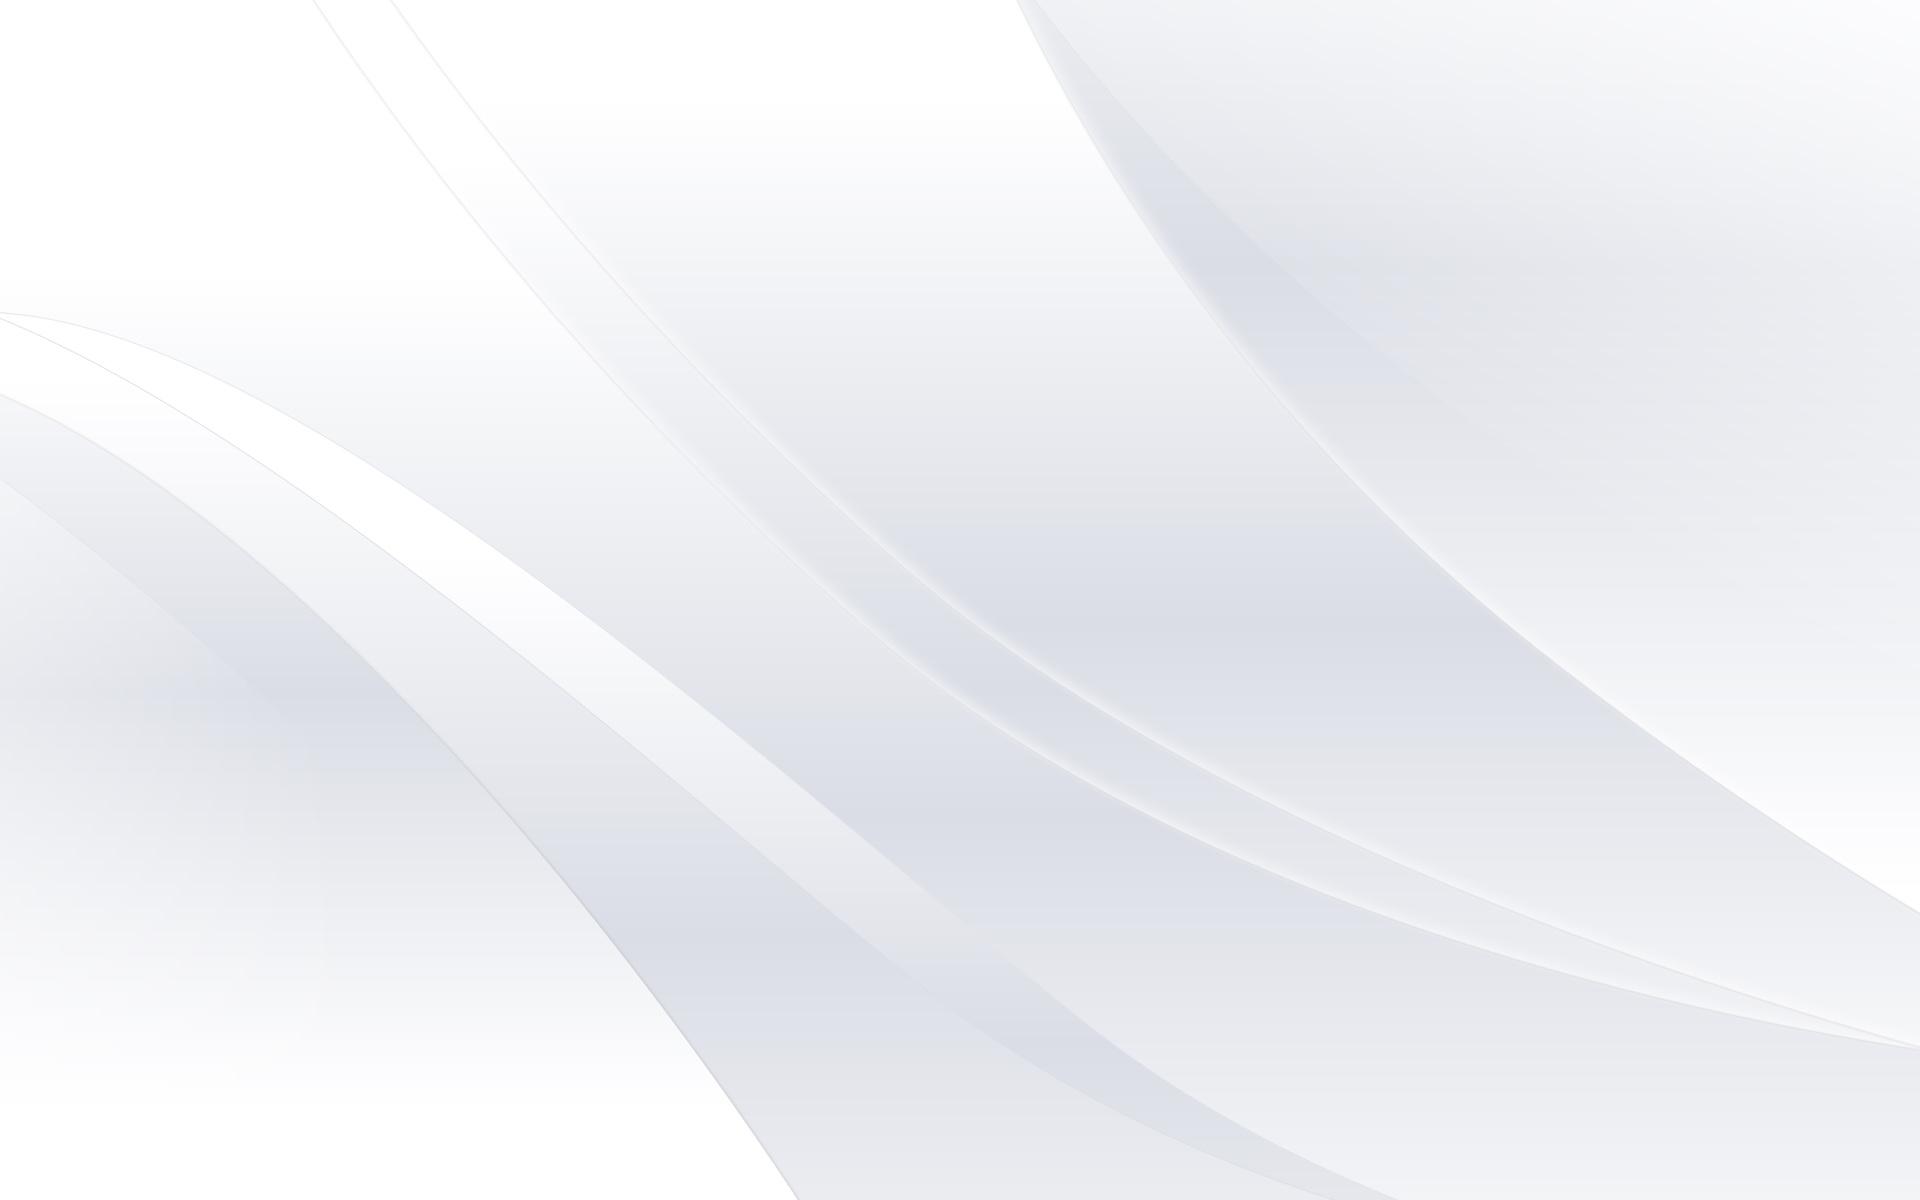 خلفيات بيضاء للتصميم فوتوشوب